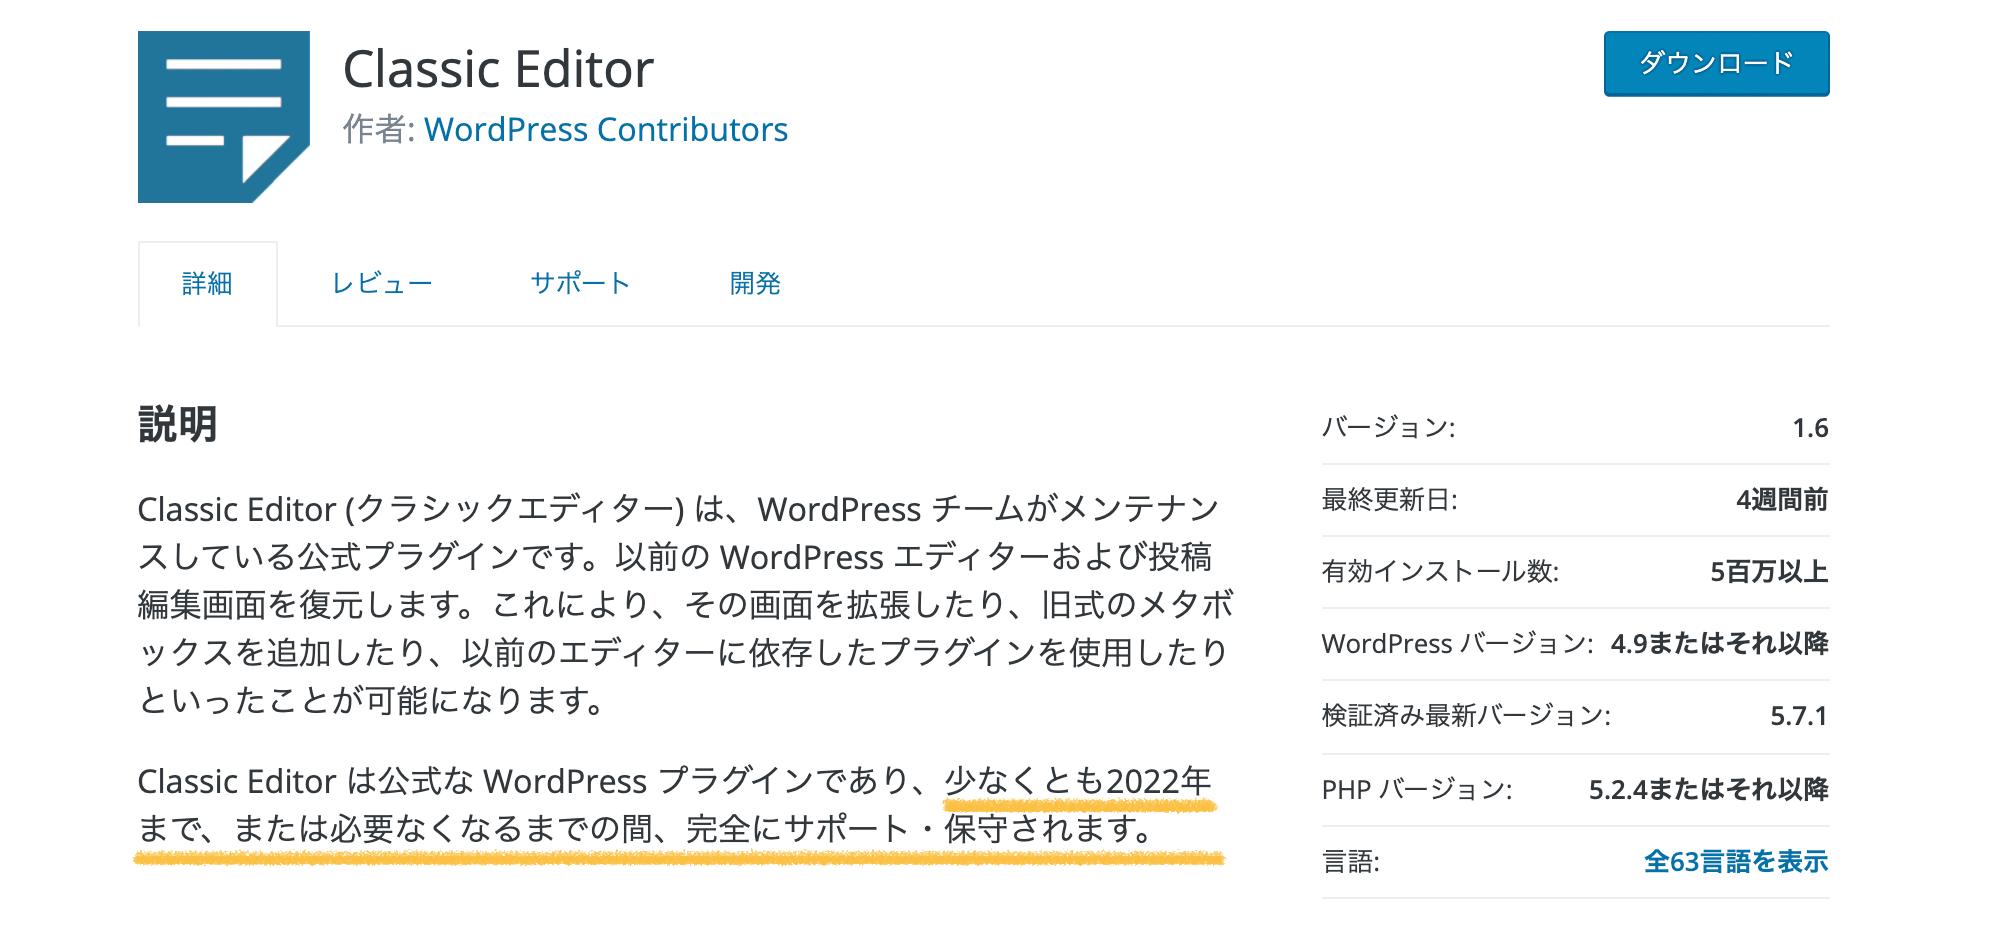 WordPressのプラグイン『Classic Editor(クラシックエディター)』のサポートが2022年まで延長